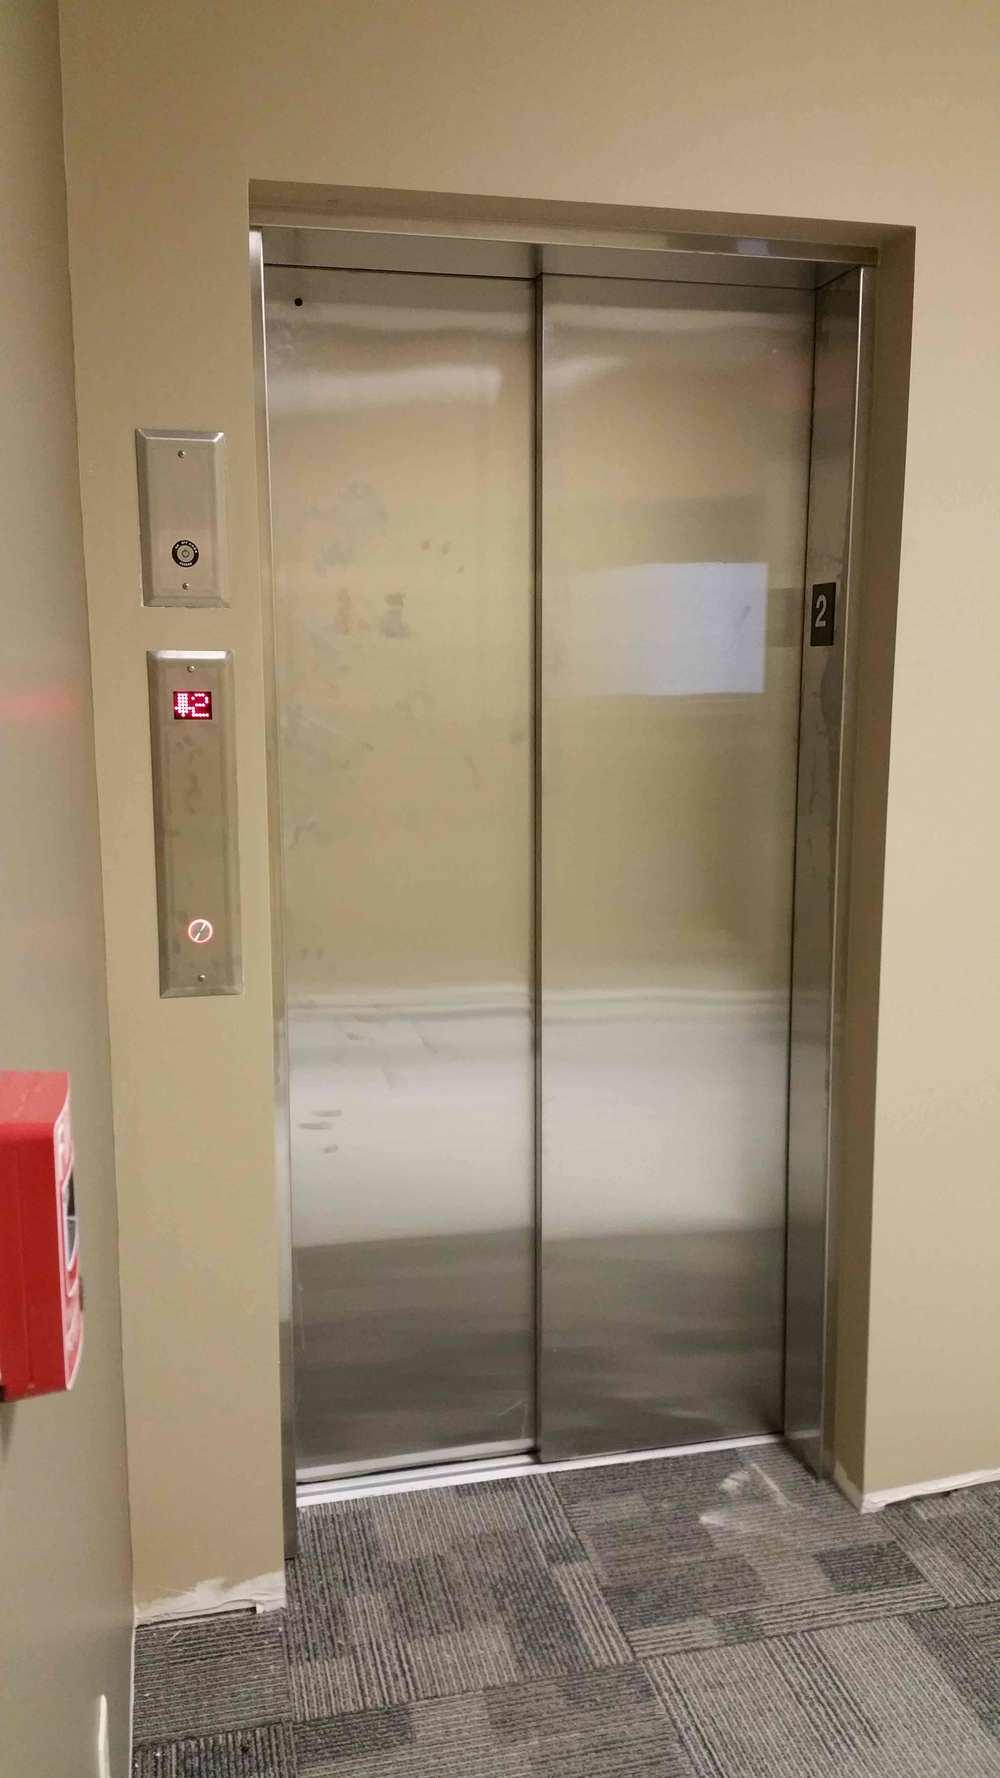 Stainless-Steel-Doors-2.jpg